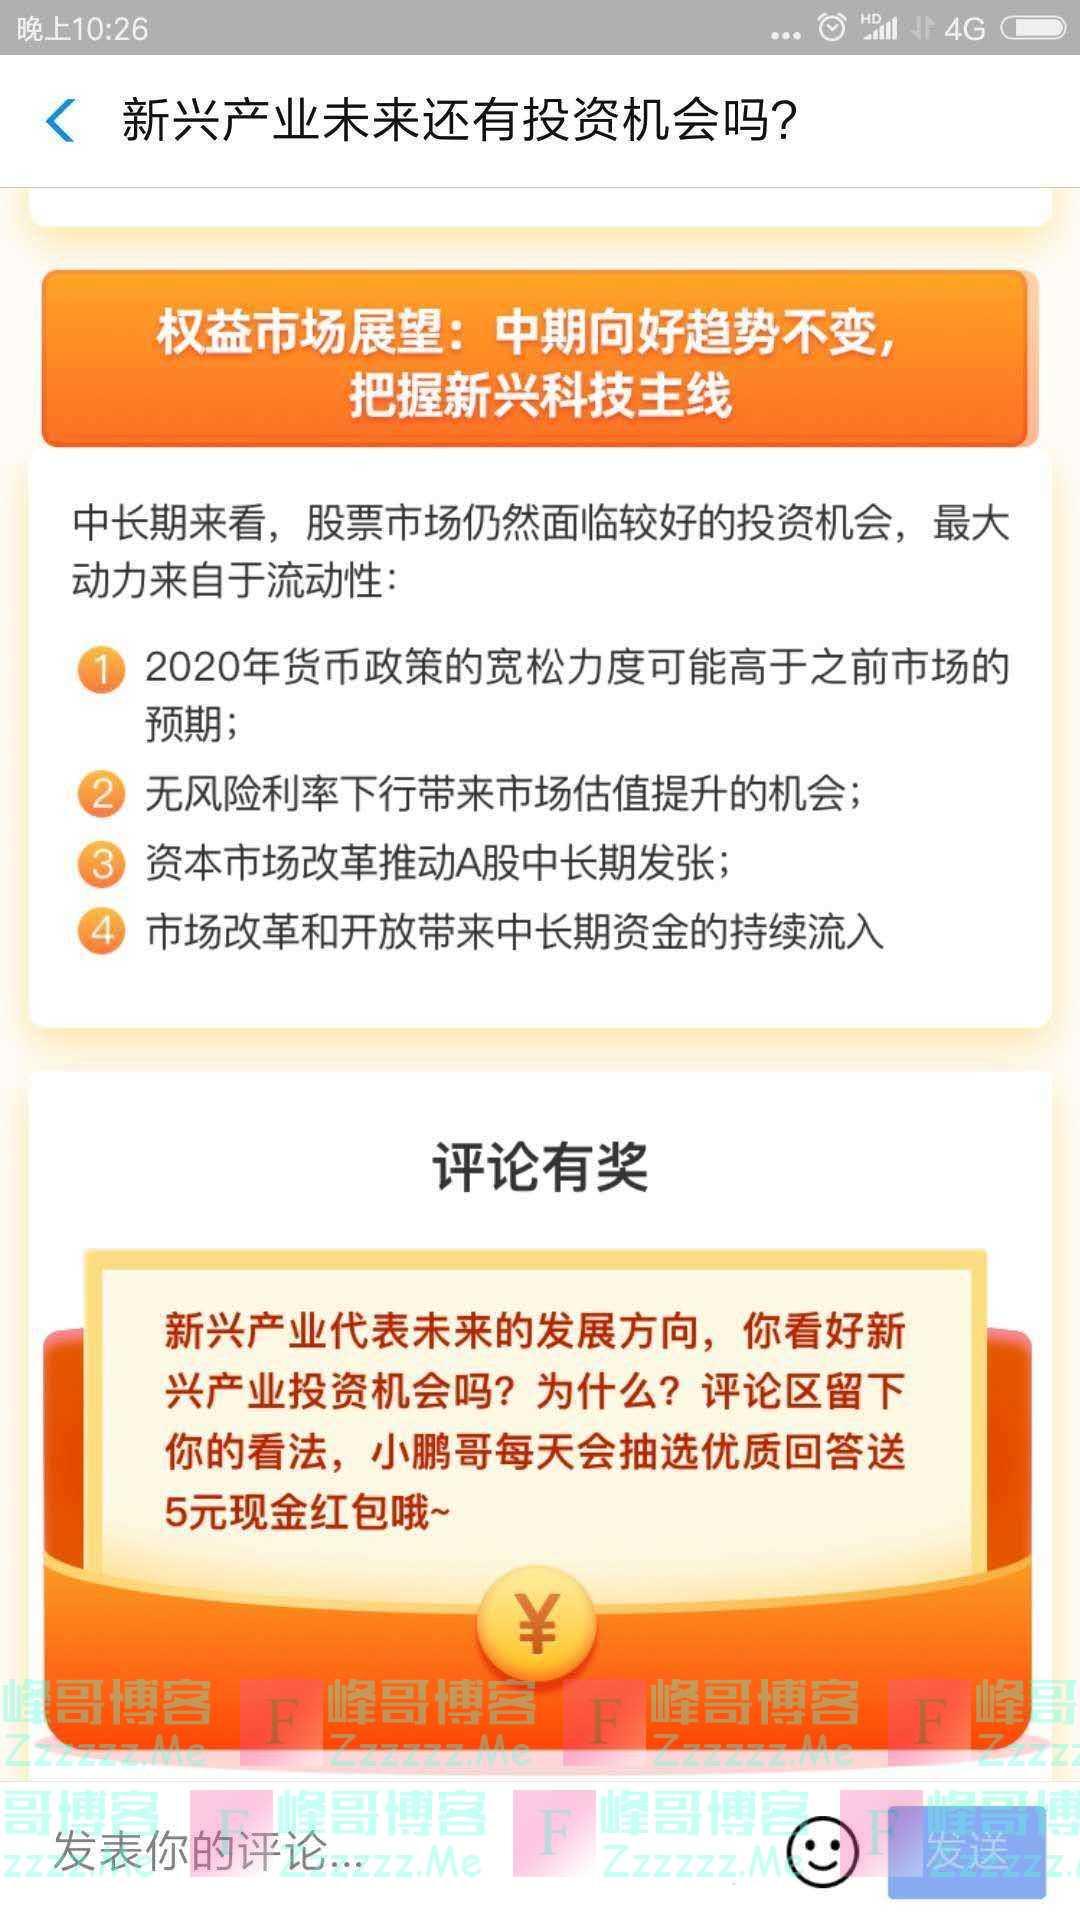 鹏华基金评论有奖 新兴产业未来还能投吗 (截止不详)